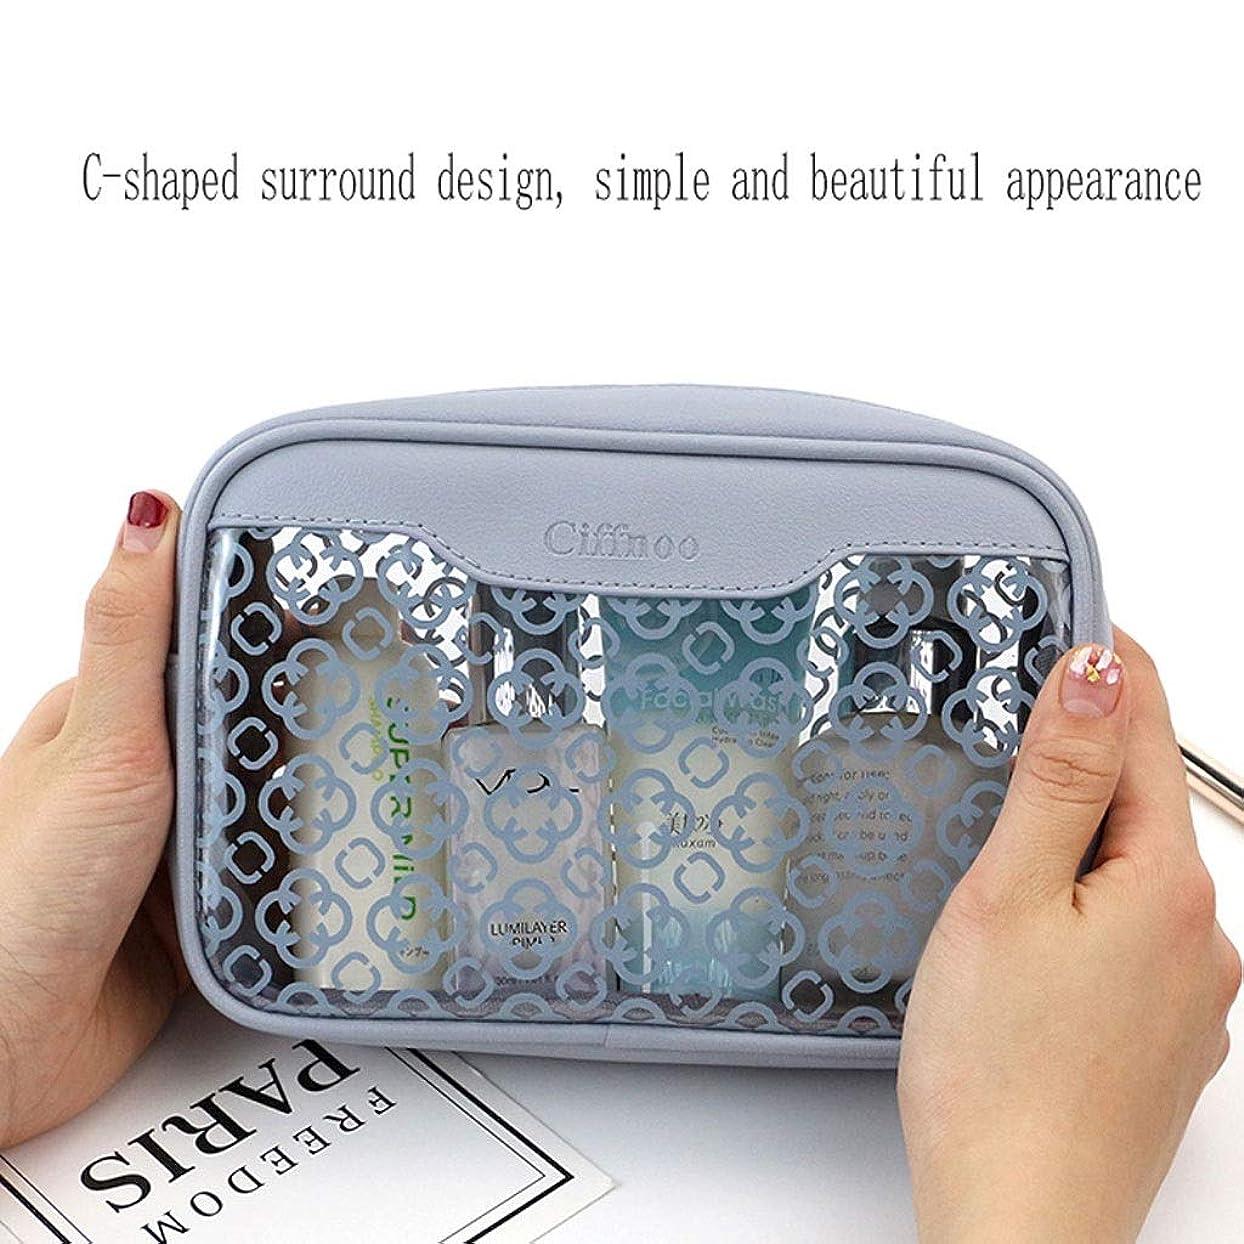 サイズ好戦的な債務FRF 化粧品バッグ- 女性のPVC半透明のシンプルなミニ化粧品ポータブル化粧品洗浄収納袋 (Color : Blue, Size : 18x5x12cm)